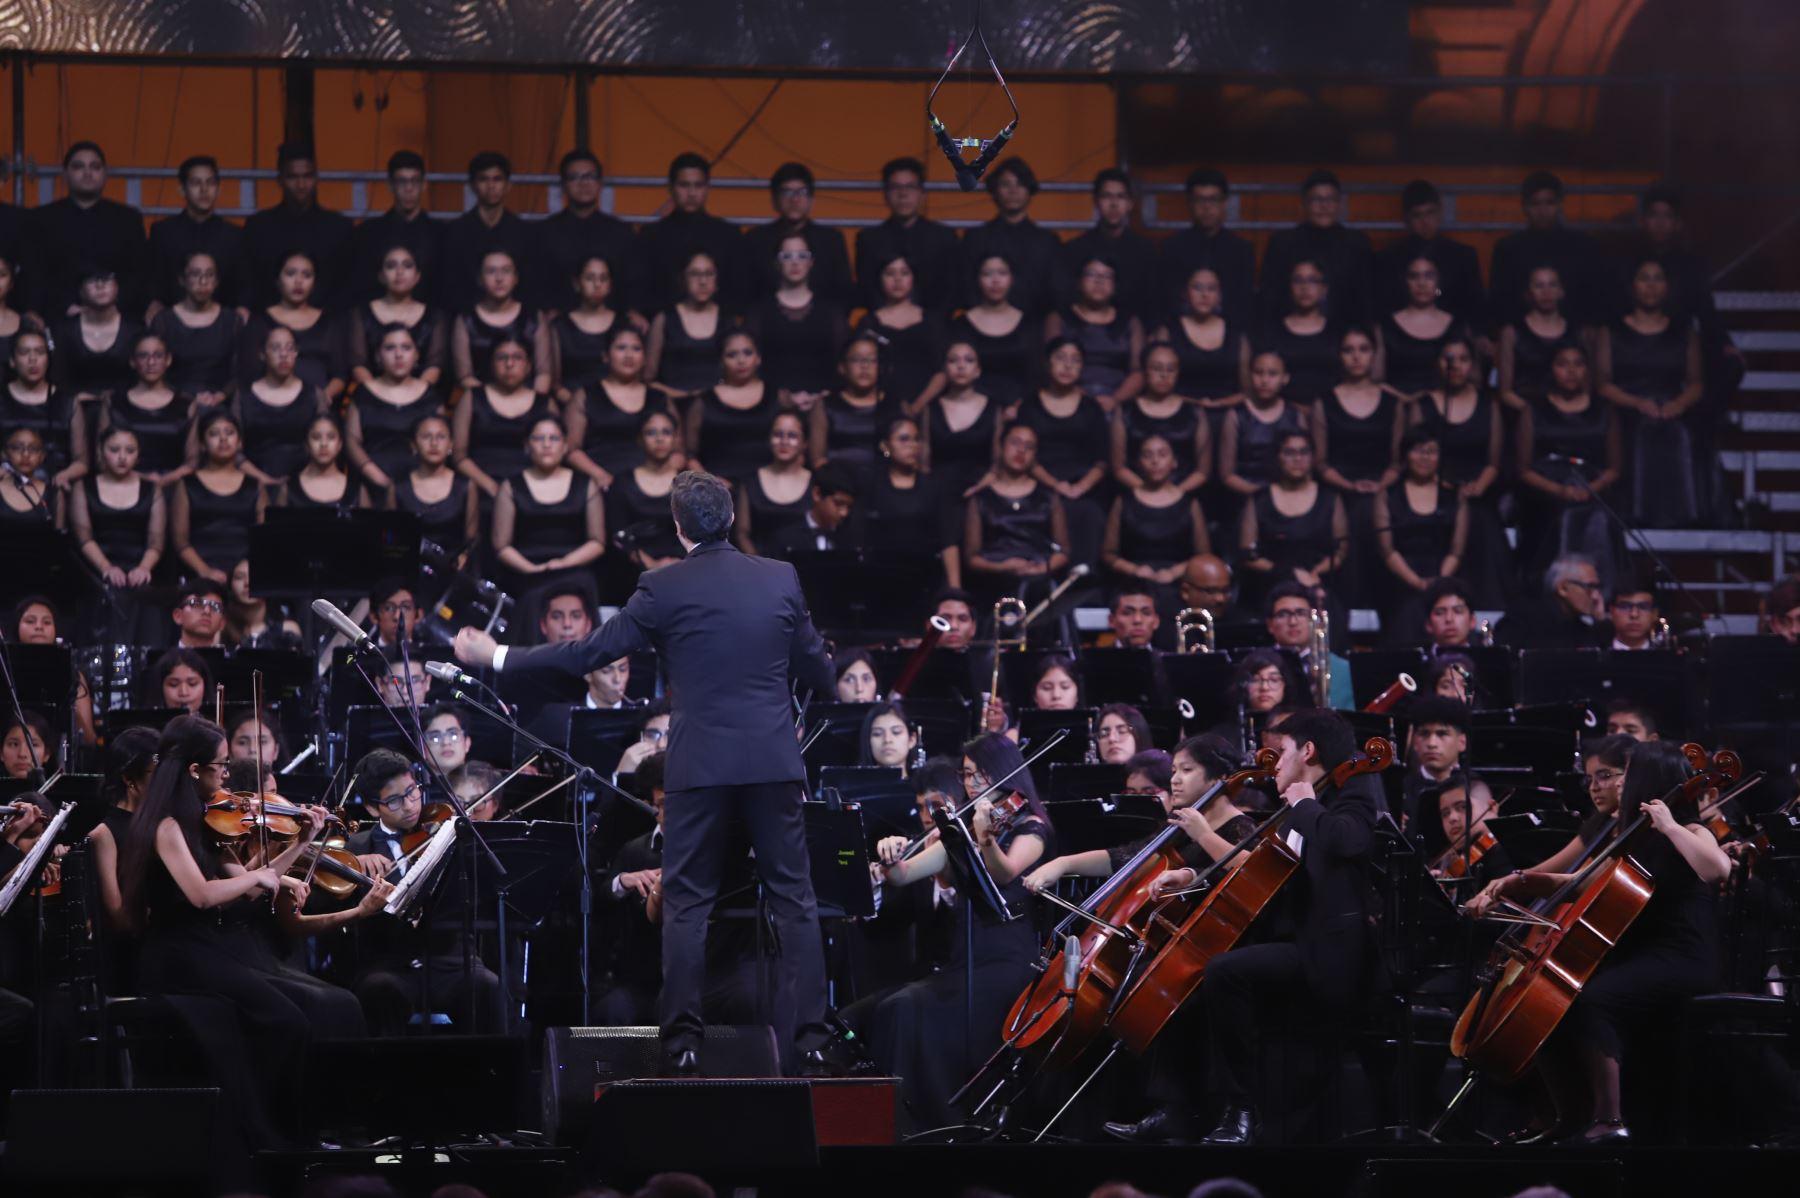 """Presidente Martin Vizcarra asistió al concierto  """"Serenata por el Perú"""" que ofreció  el tenor peruano Juan Diego Florez  acompañado por la Orquesta Sinfónica y el Coro Juvenil de Sinfonía Perú, en la Plaza Mayor de Lima.Foto:ANDINA/Prensa Presidencia"""